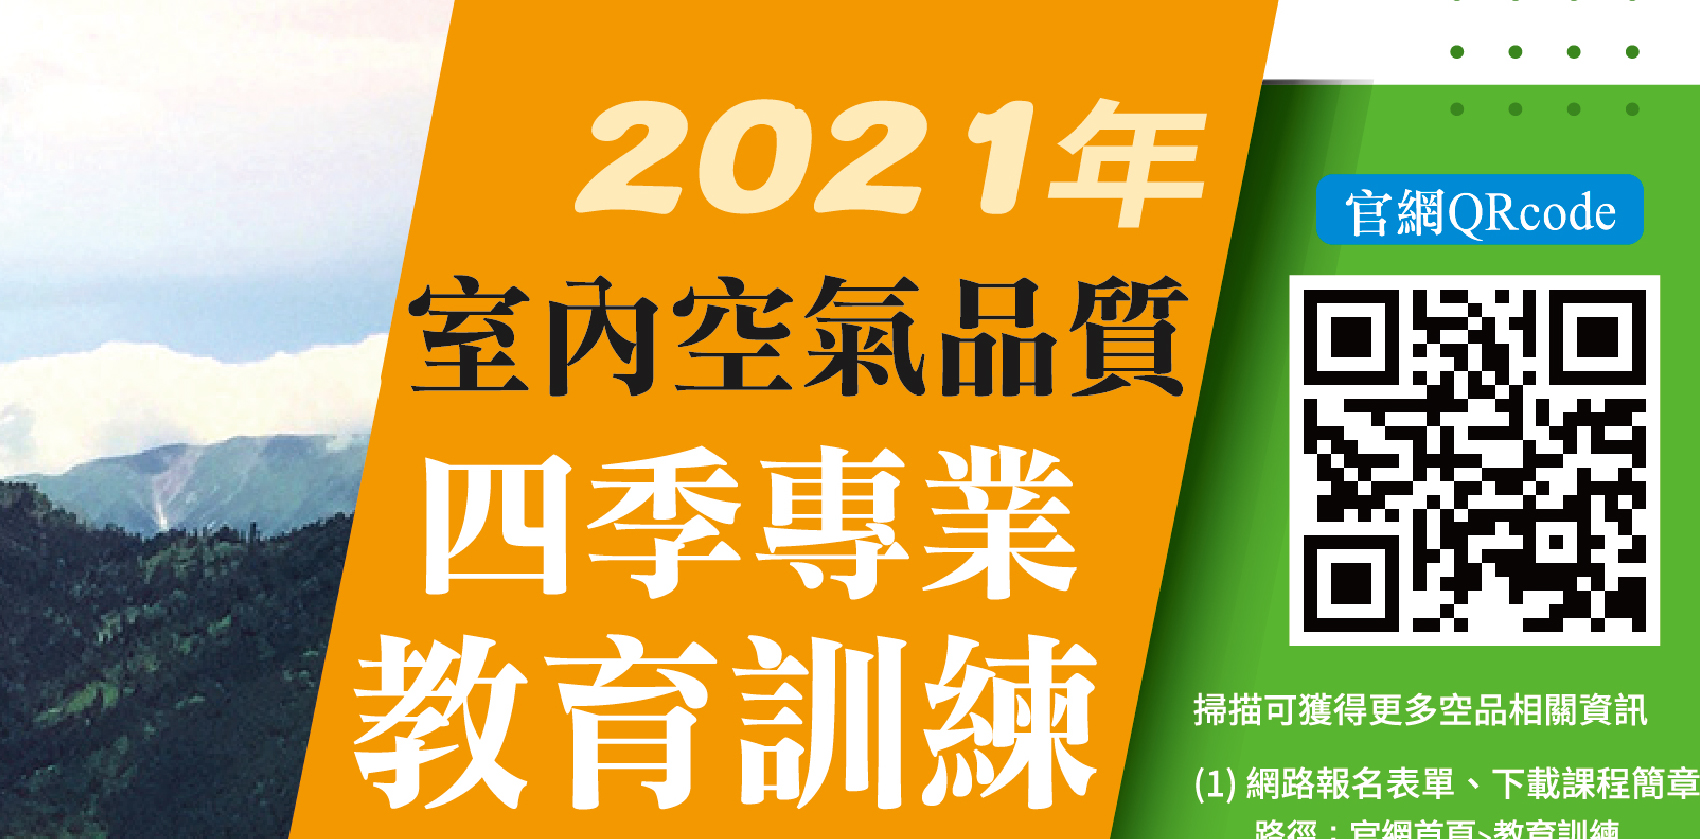 【2021年】四季專業教育訓練課程規劃總覽-空氣清淨機認證